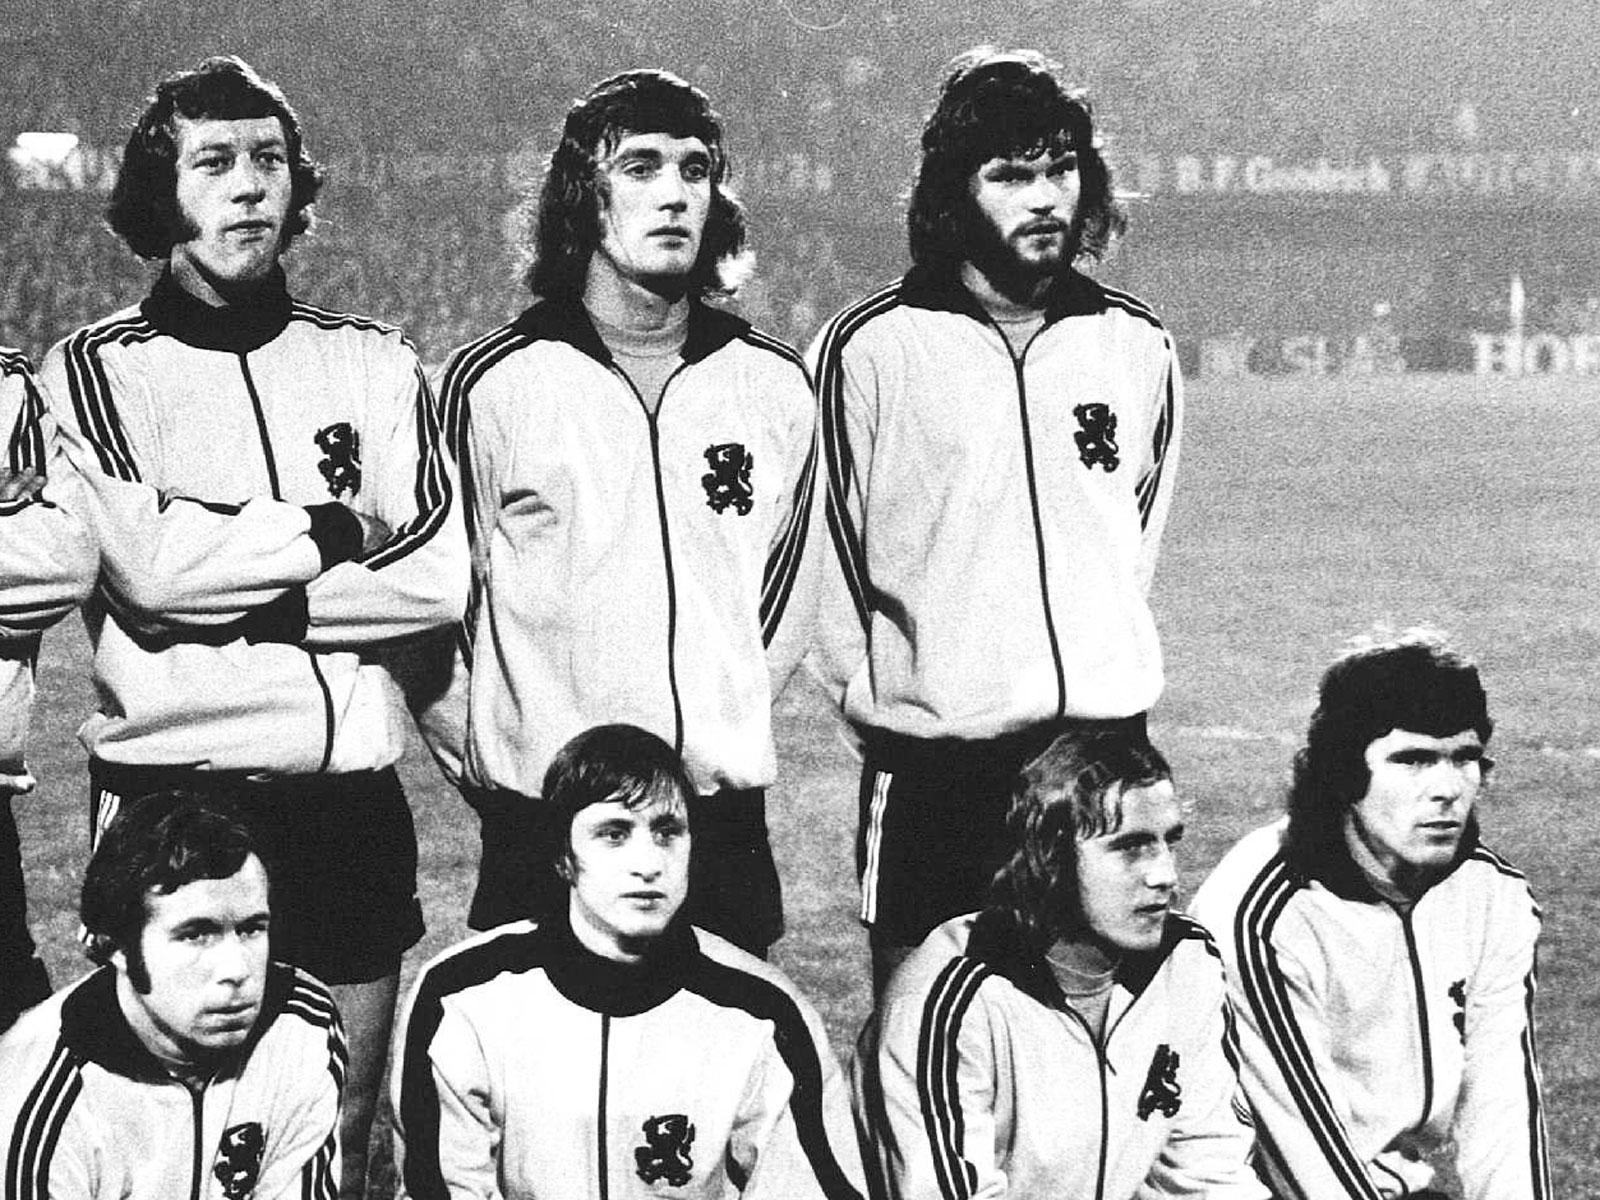 Barry Hulshoff (oben rechts) war Nationalspieler der Niederlande und Vorstopper in der legendären Ajax-Zeit unter Trainer Rinus Michels.